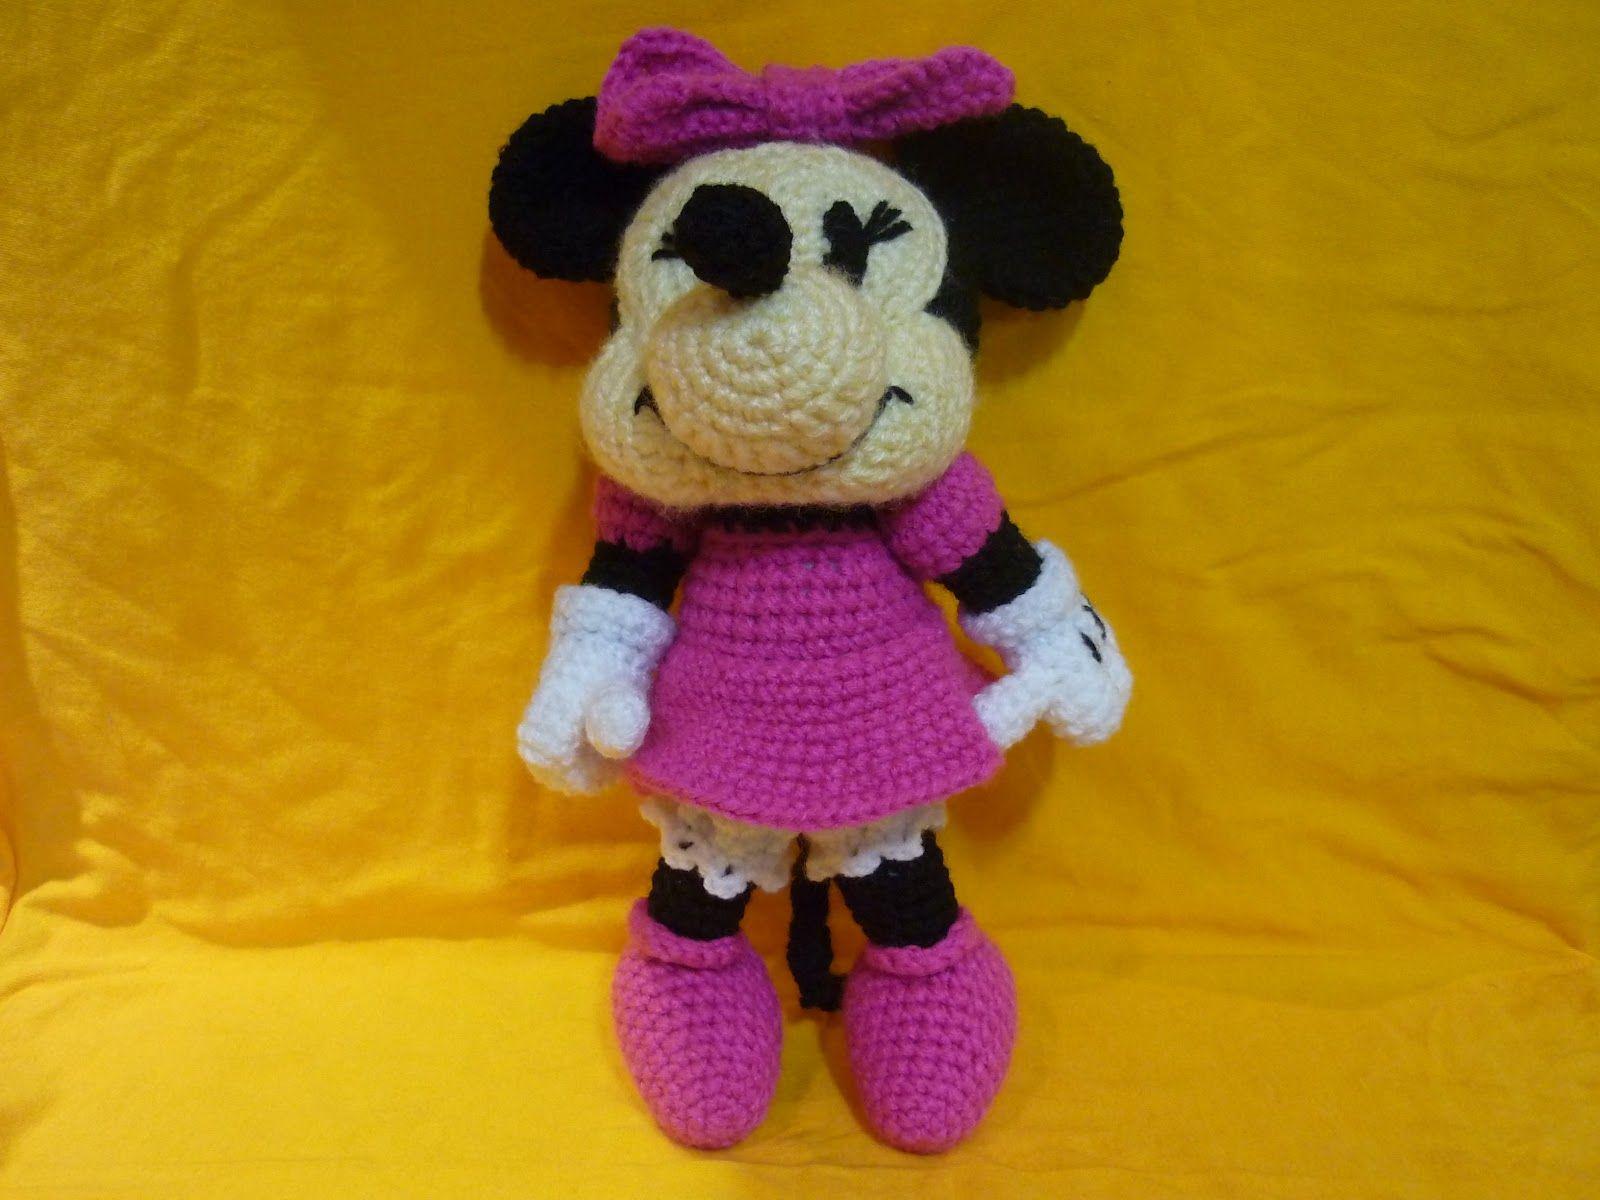 Amigurumi Crochet Personajes : Crochet amigurumi tejiendo sueños minnie amigurumi crochet